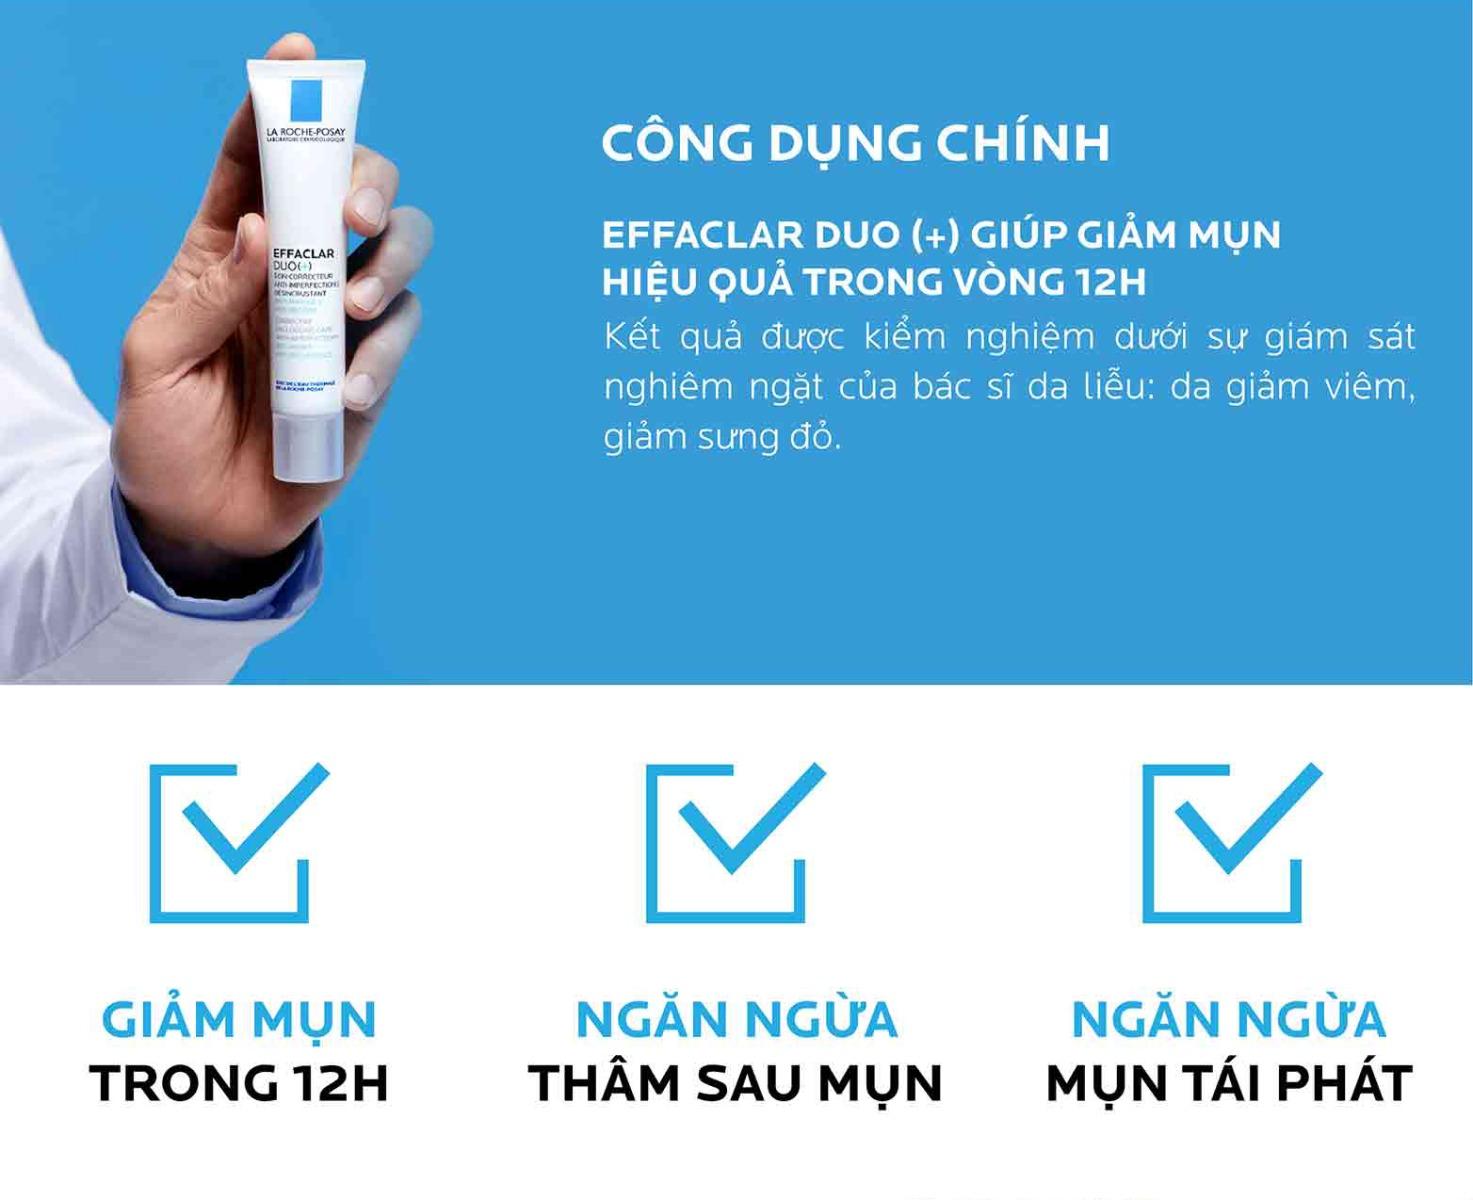 Kem Dưỡng La Roche-Posay Giảm Mụn, Ngừa Vết Thâm (Không Màu) Effaclar Duo Plus